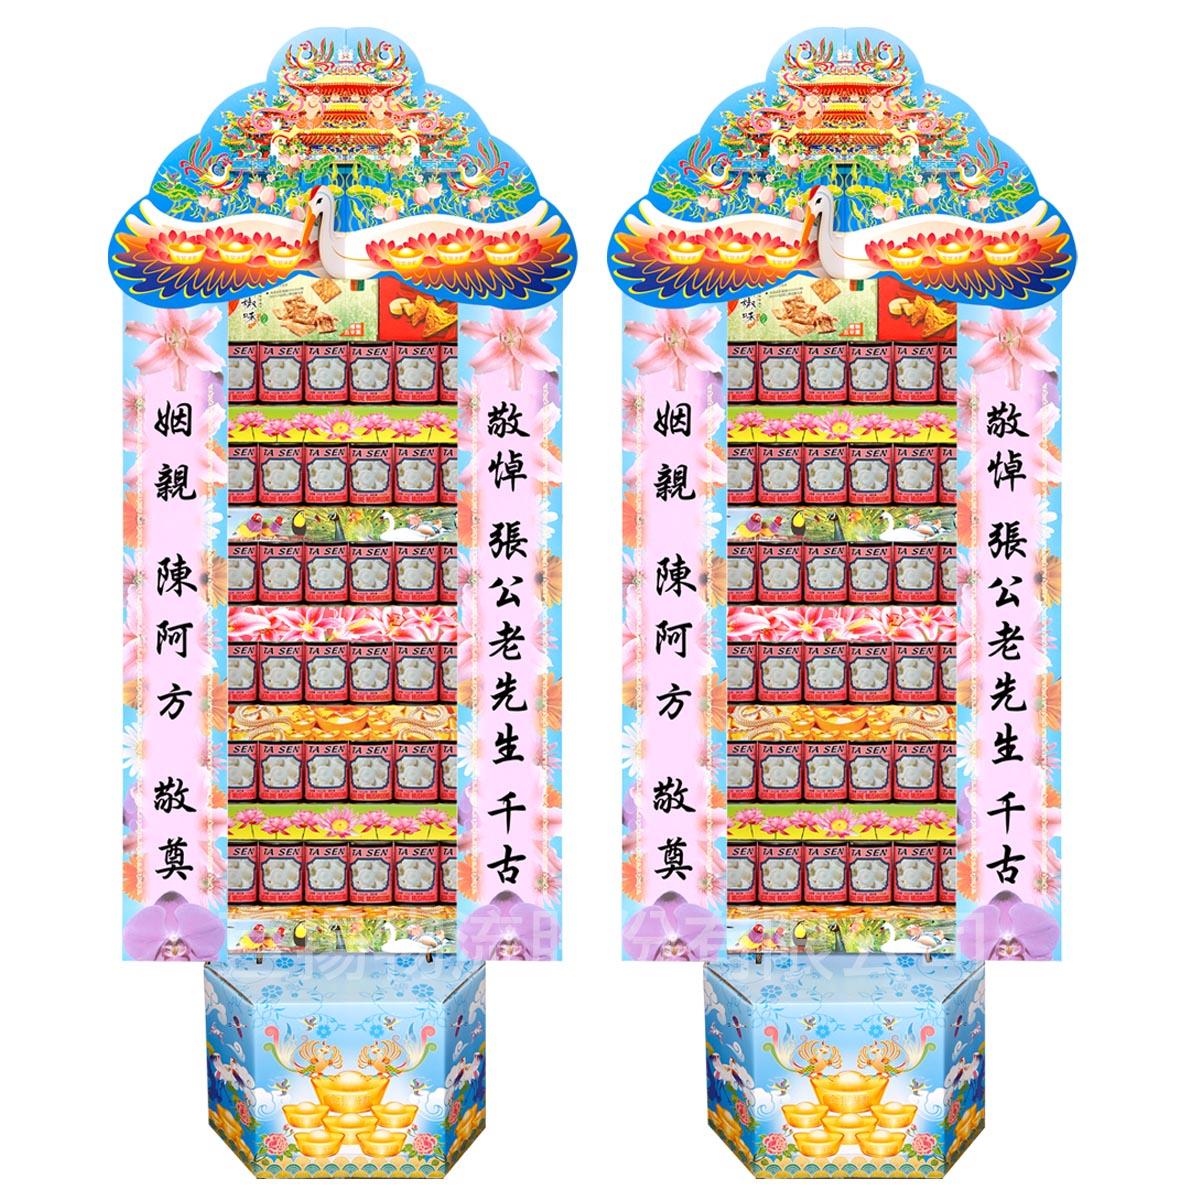 喪禮用罐頭塔-鮑魚菇6x6 全素罐頭禮籃